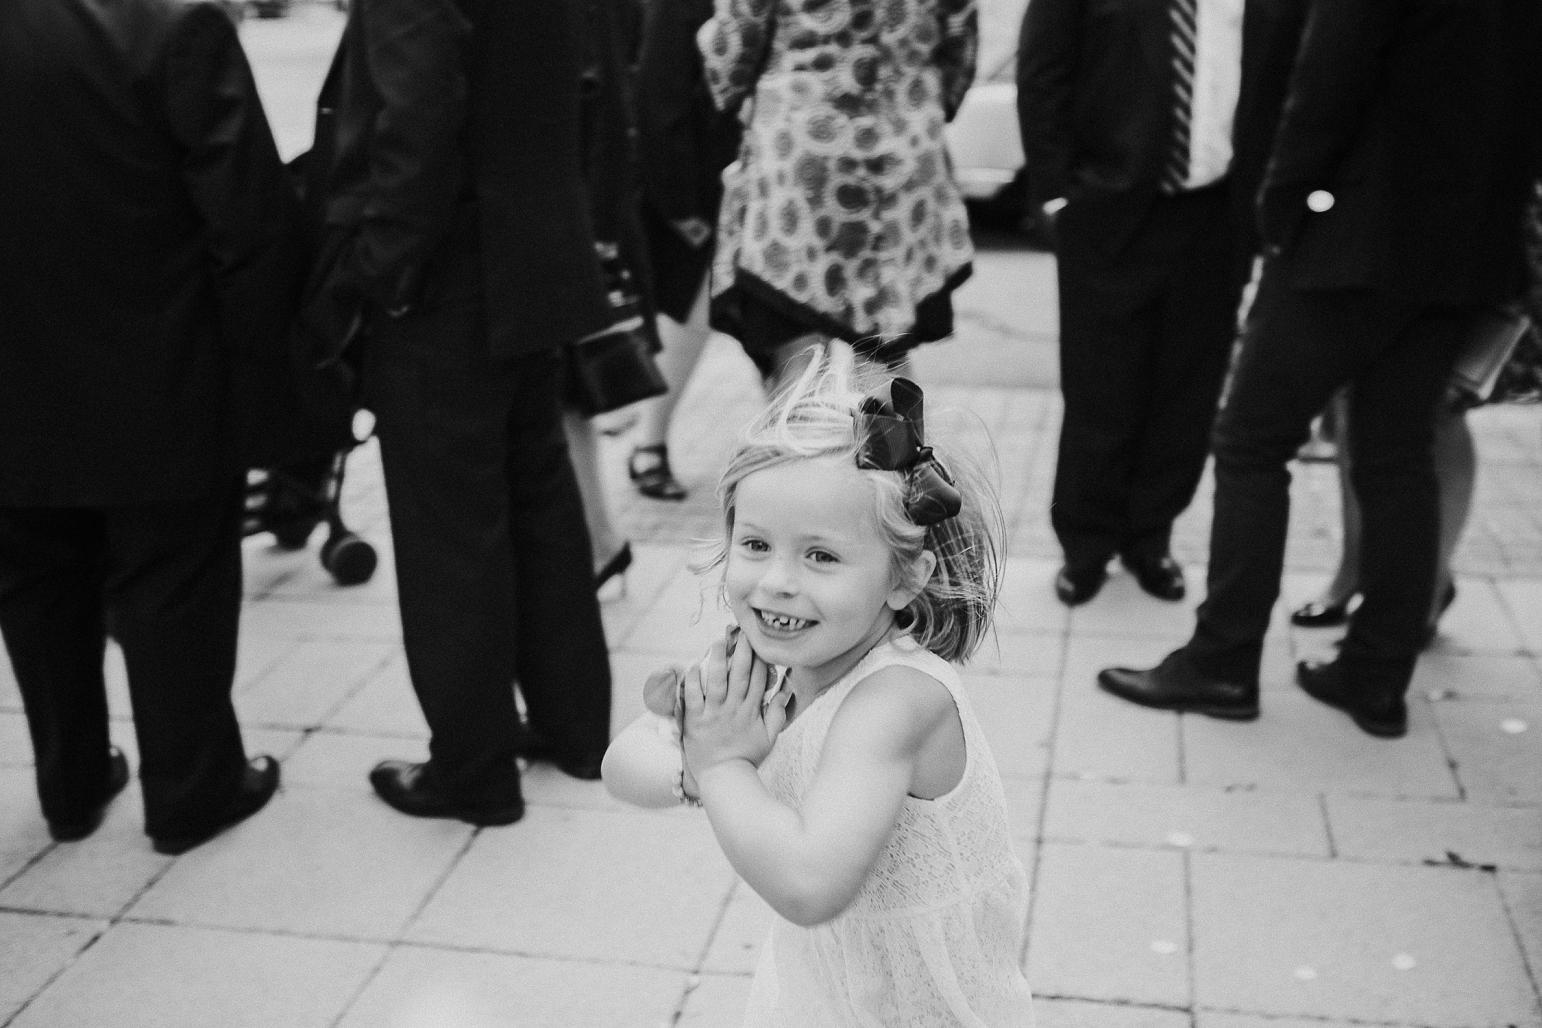 kateryna-photos-mariage-wedding-france-bretagne-pays-de-la-loire-chateau-de-la-colaissiere-st-sauveur-de-landemont_0048.jpg